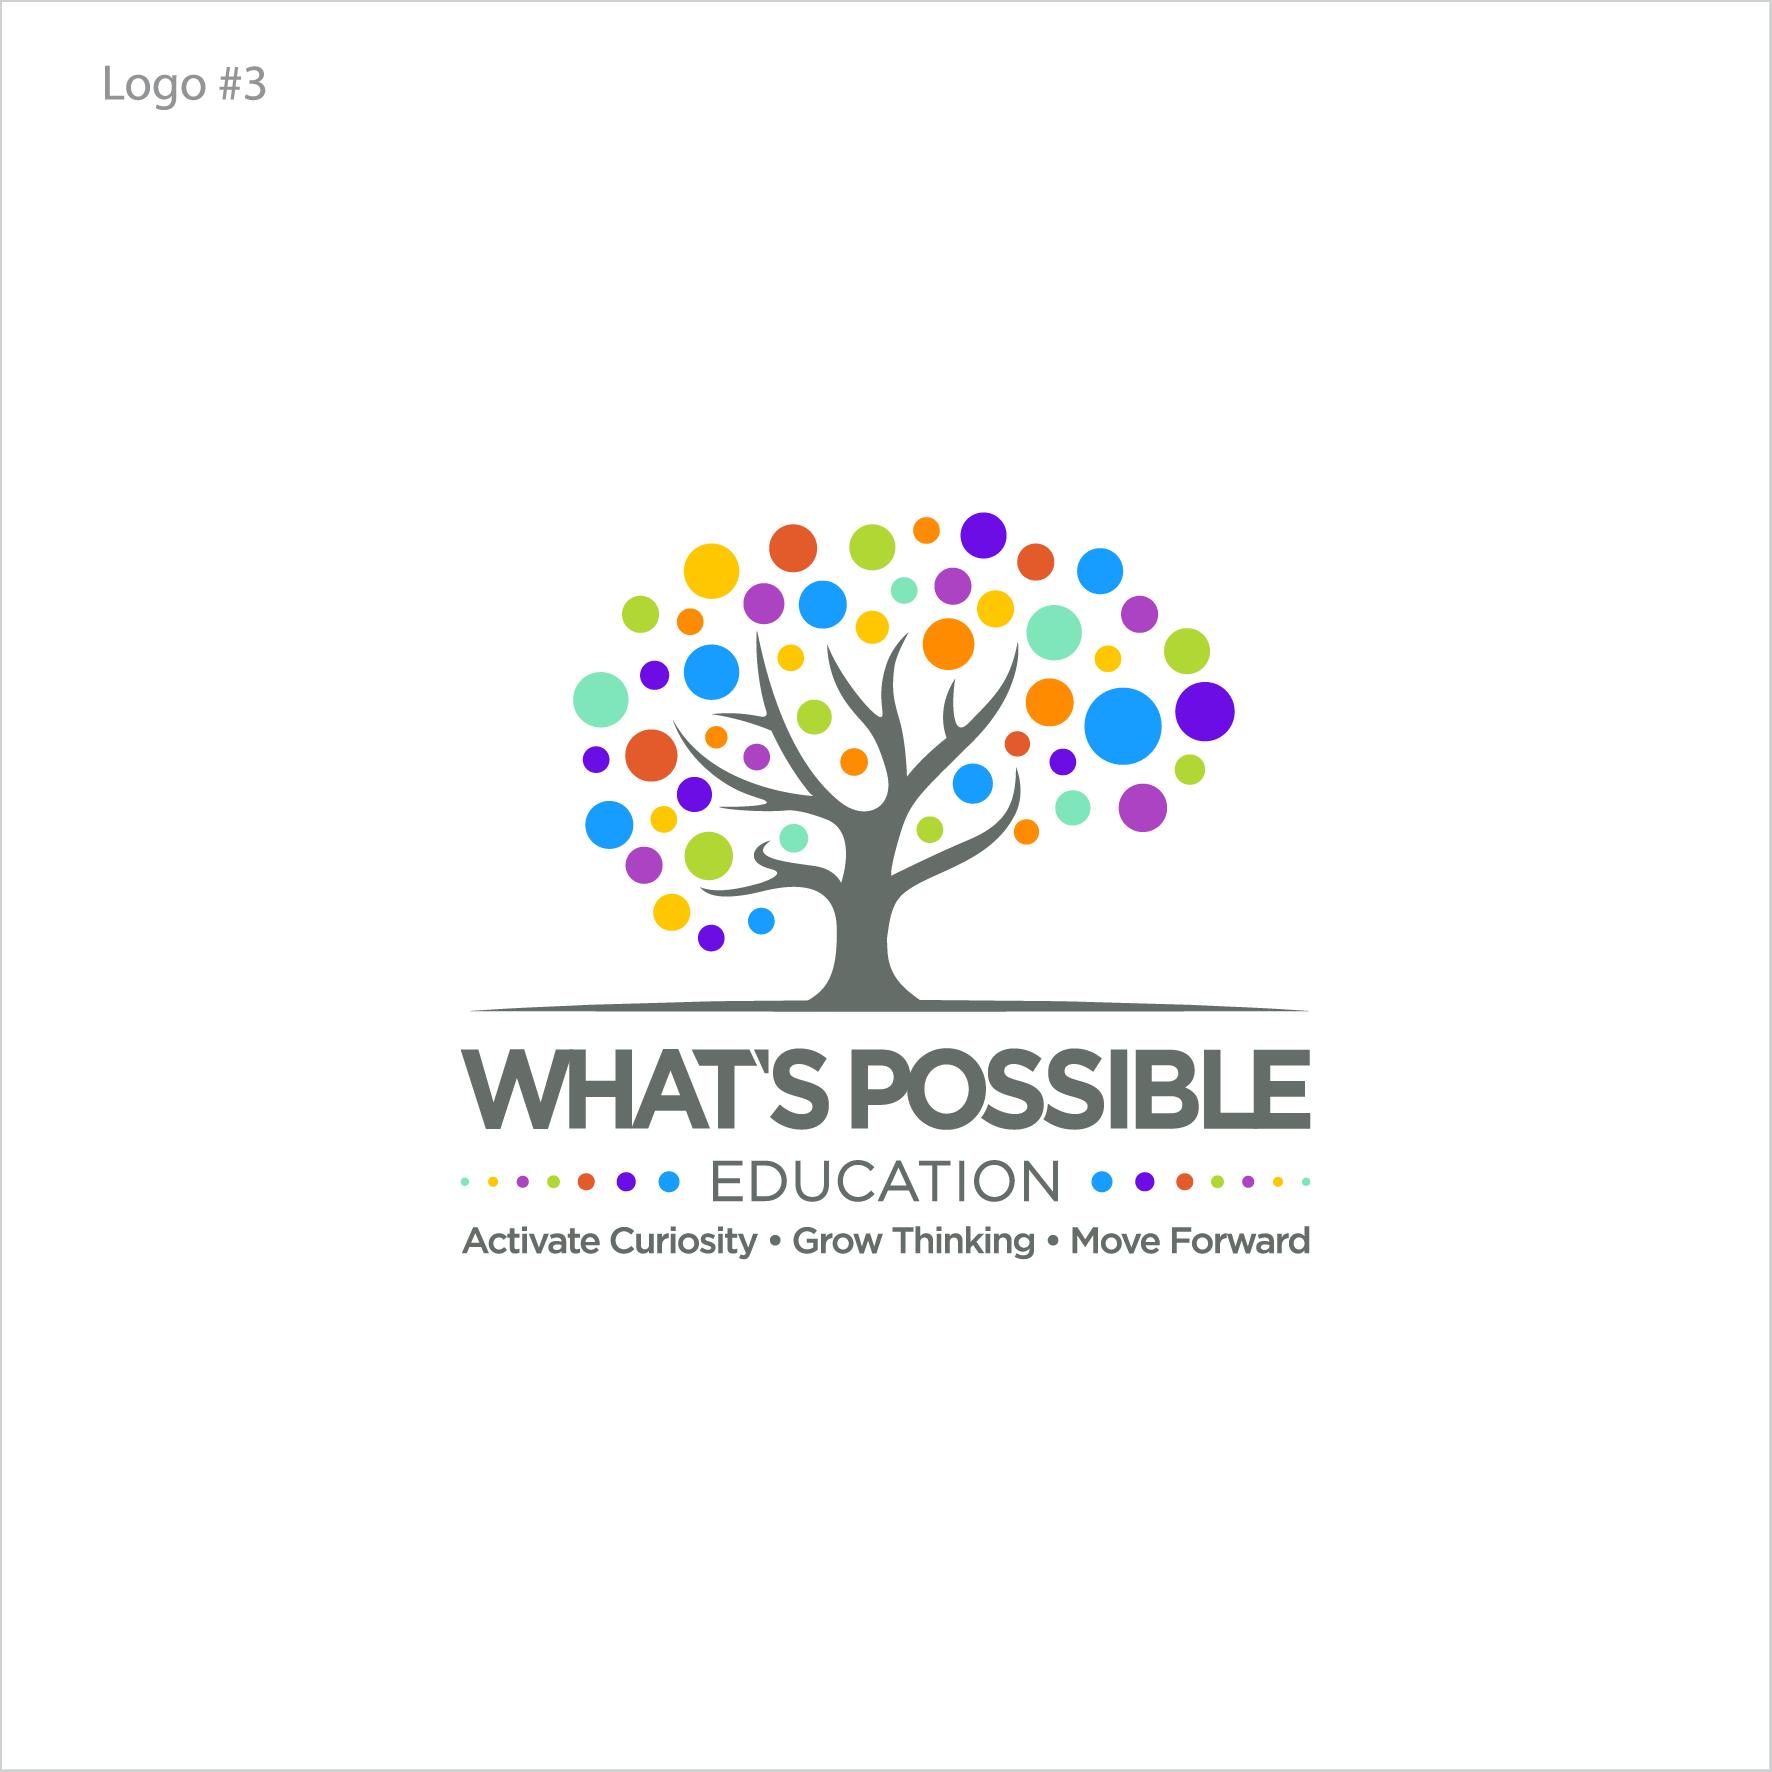 Creative logo needed for progressive education company